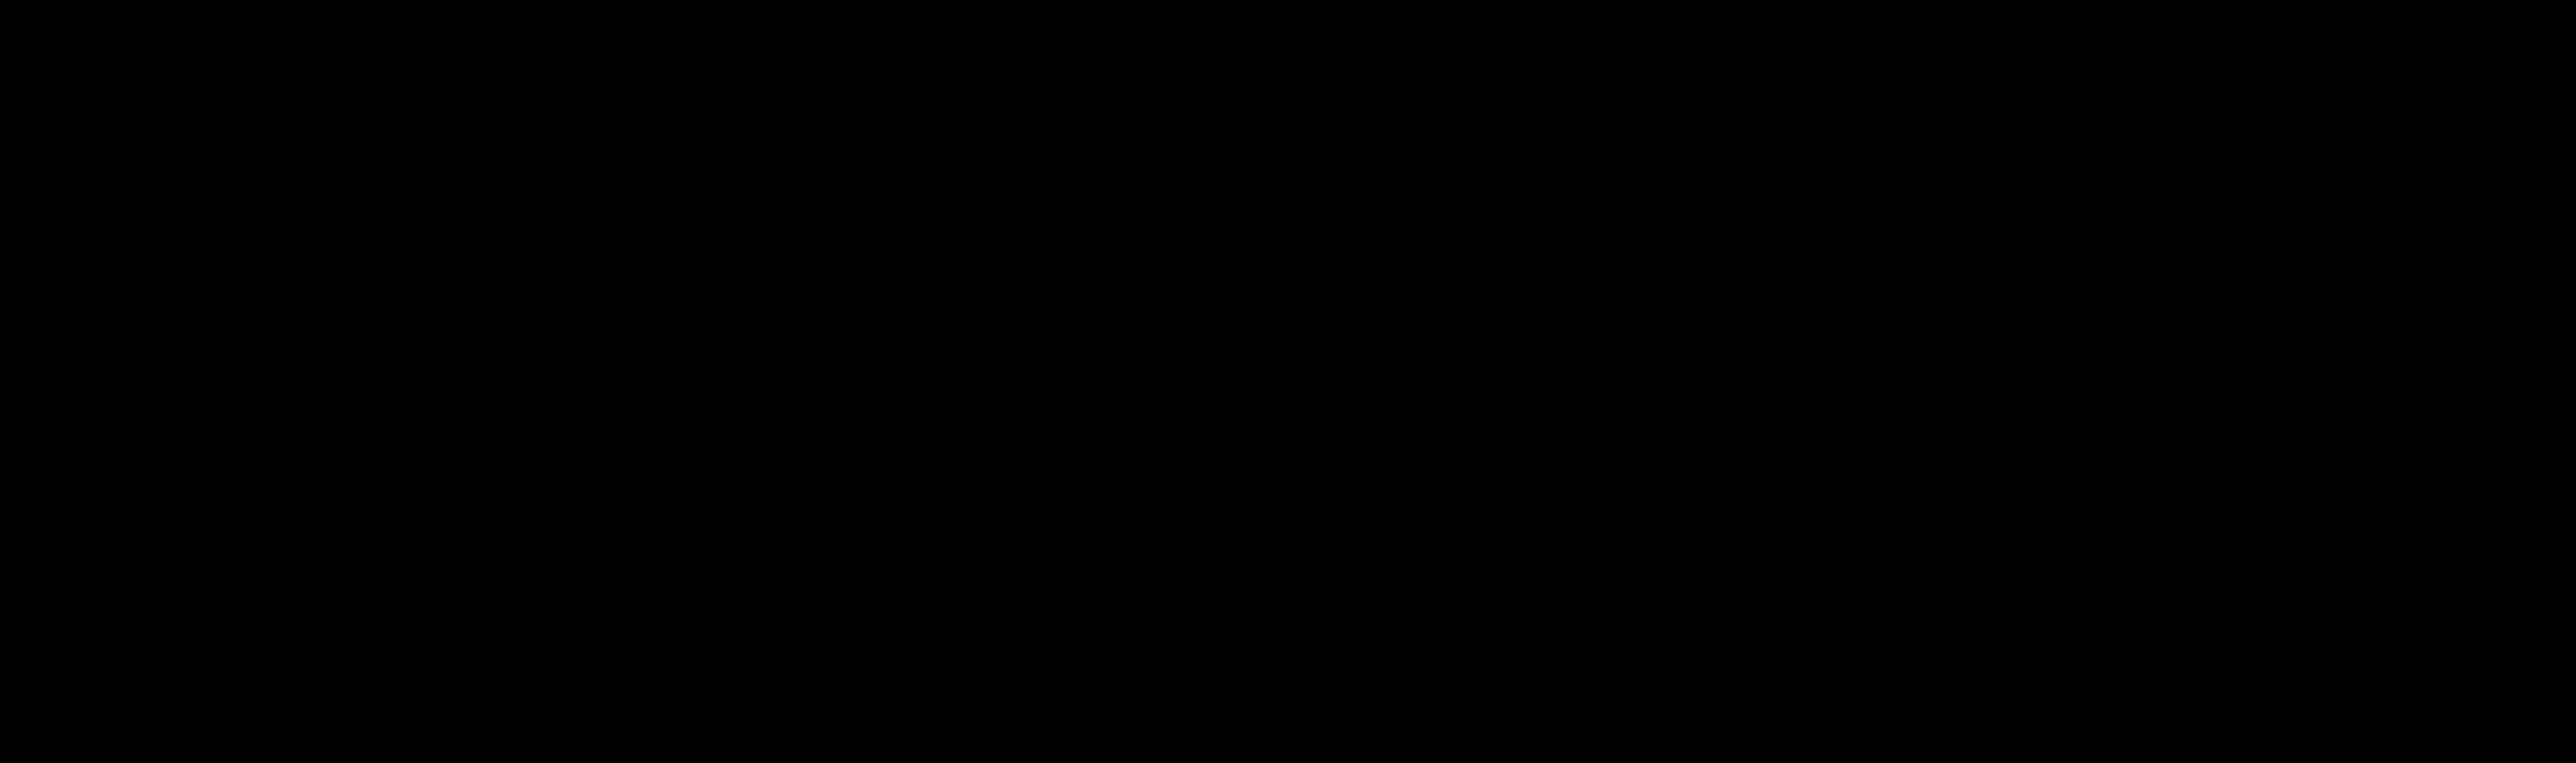 十六國免簽的APEC卡可以到鴻誼辦理了